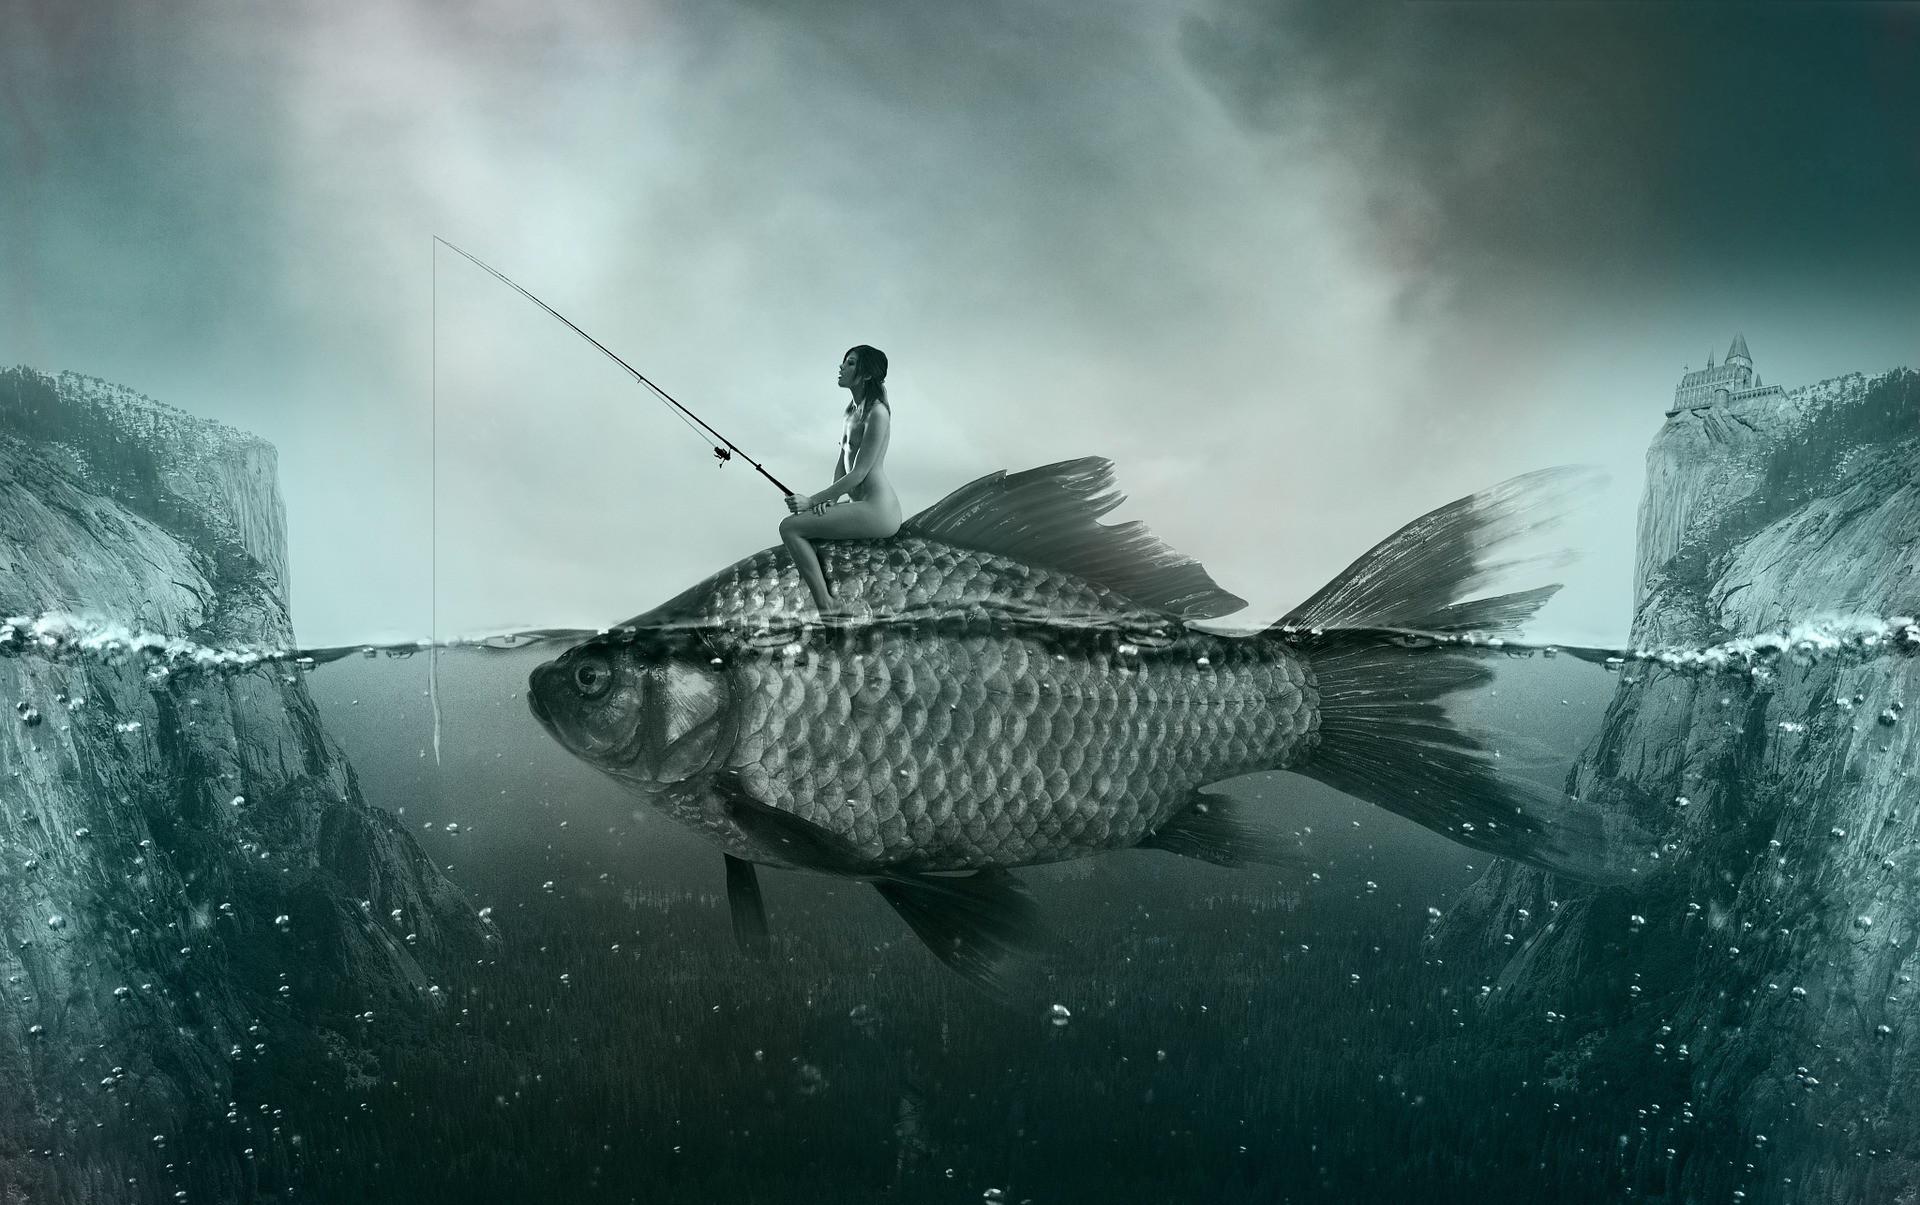 Это самый древний и самый верный признак возможной беременности. Правда, многое зависит еще и от сюжета сна. Если ты ловишь рыбу, покупаешь, видишь, как она растет, увеличивается в размер...